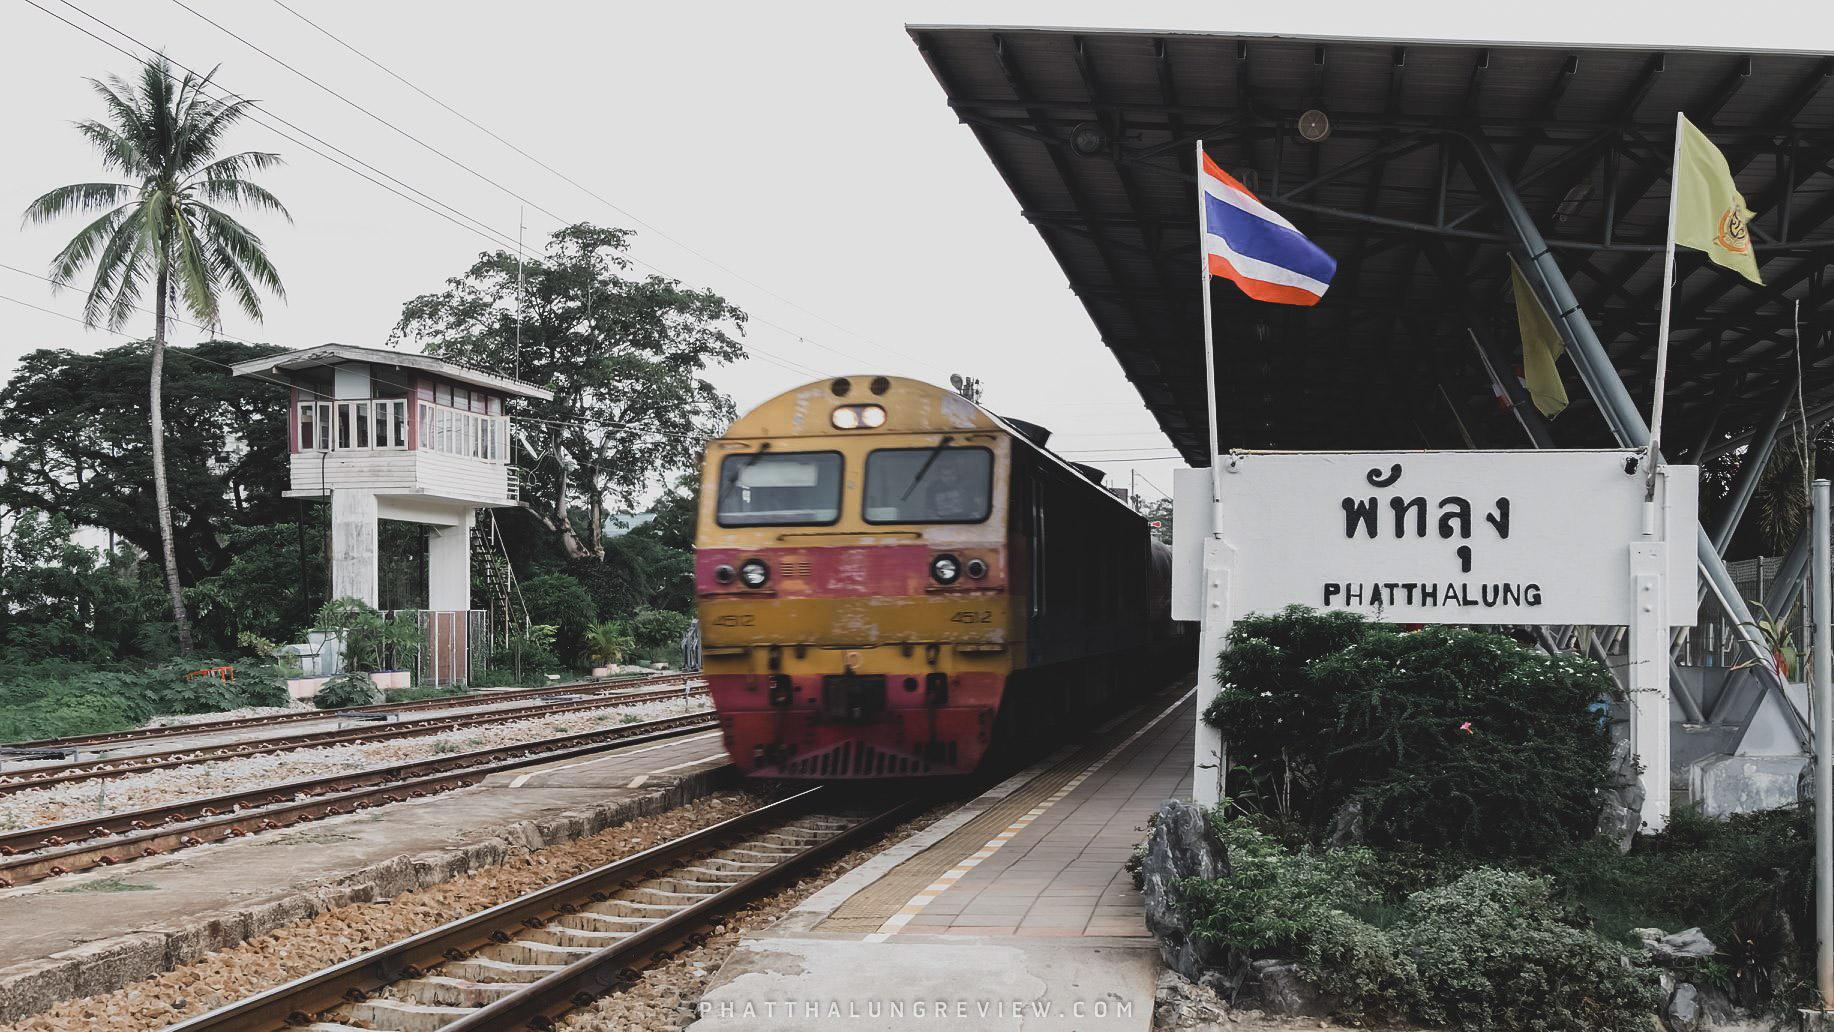 สถานีพัทลุง พัทลุง,ที่เที่ยว,จุดเช็คอิน,คาเฟ่,ของกิน,ที่พัก,รีสอร์ท